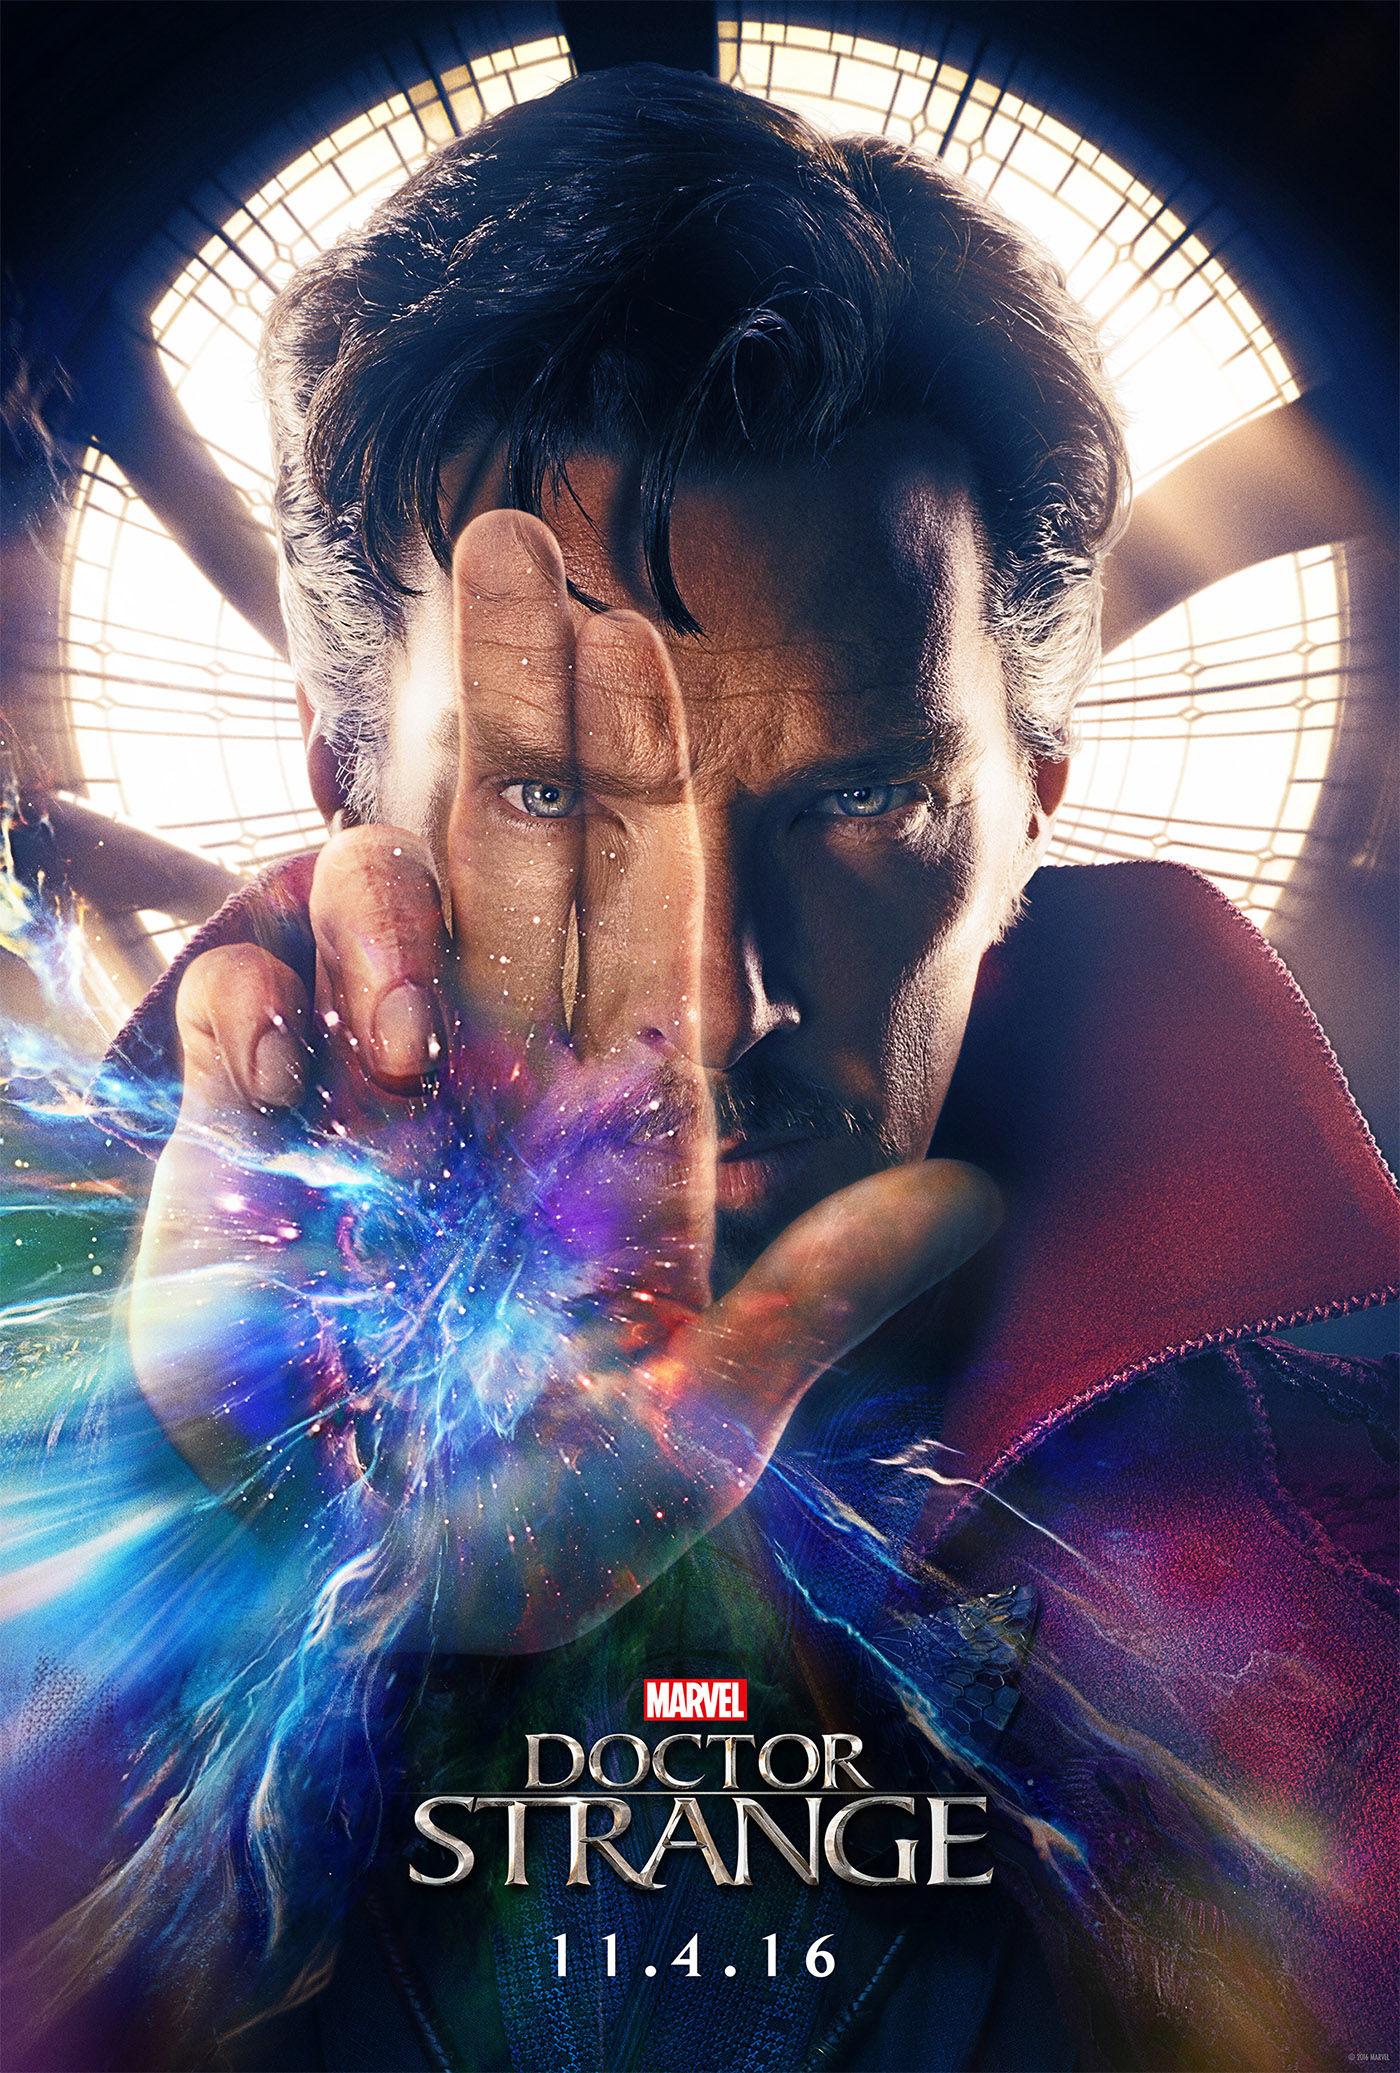 Doctor-Strange-Poster-Marvel-Official.jpg